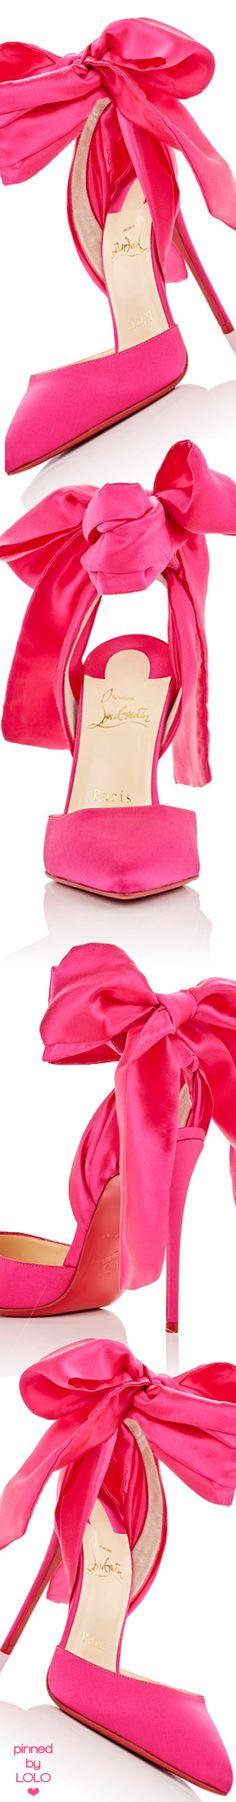 Christian Louboutin Douce du Desert Red Sole Pump, Pink